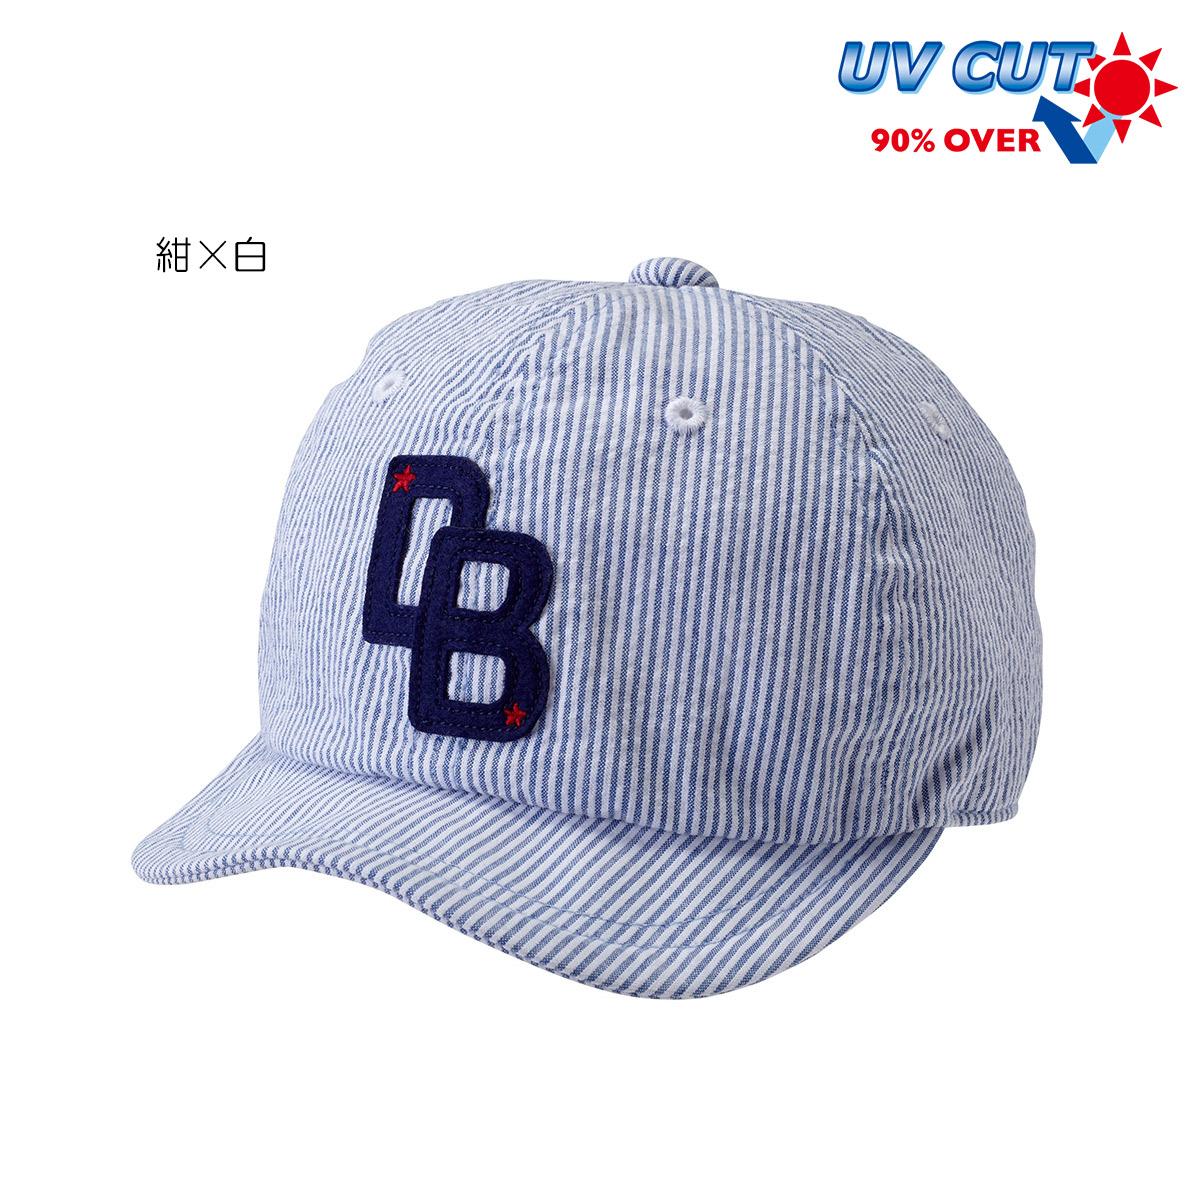 お得セット ダブルB SALE ミキハウス ダブルB キャップ 帽子 新品未使用 アウトレット 46cm-56cm セール 〉 〈SS-LL